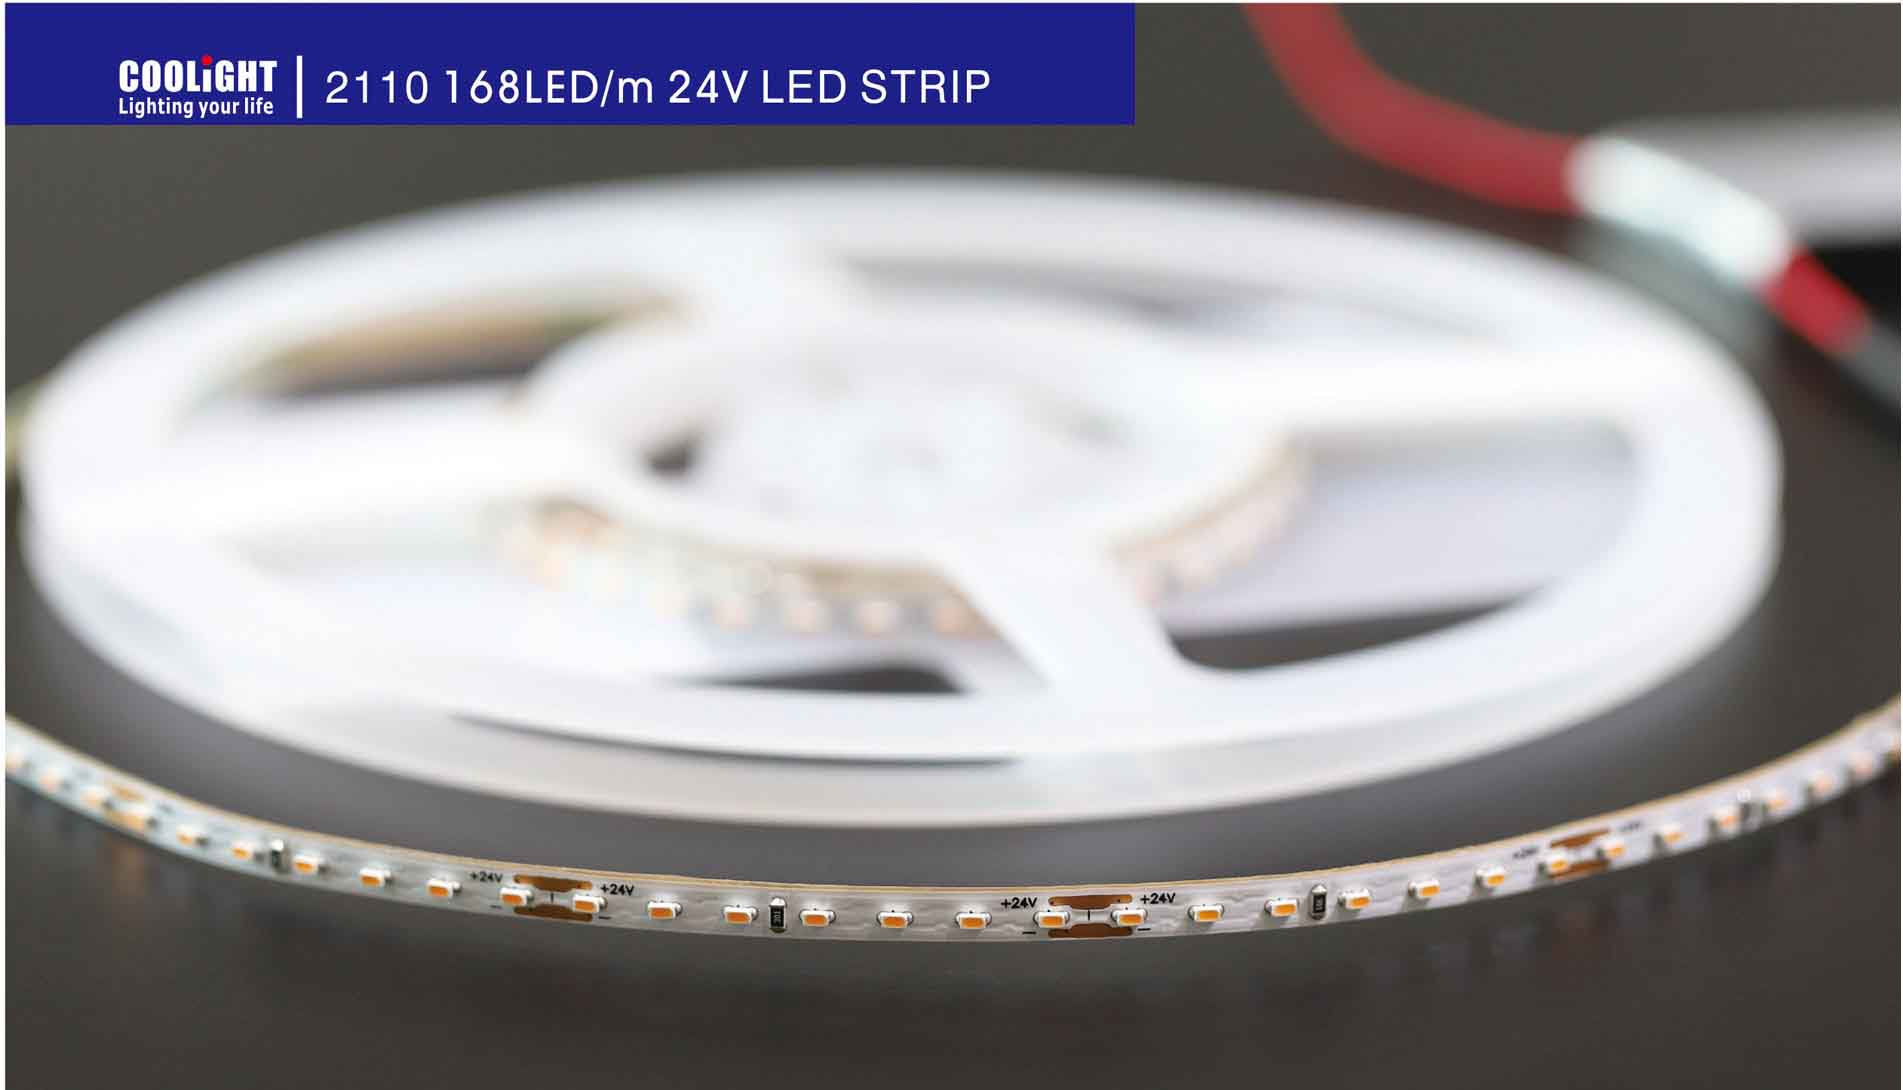 2110 168led 24v led strip